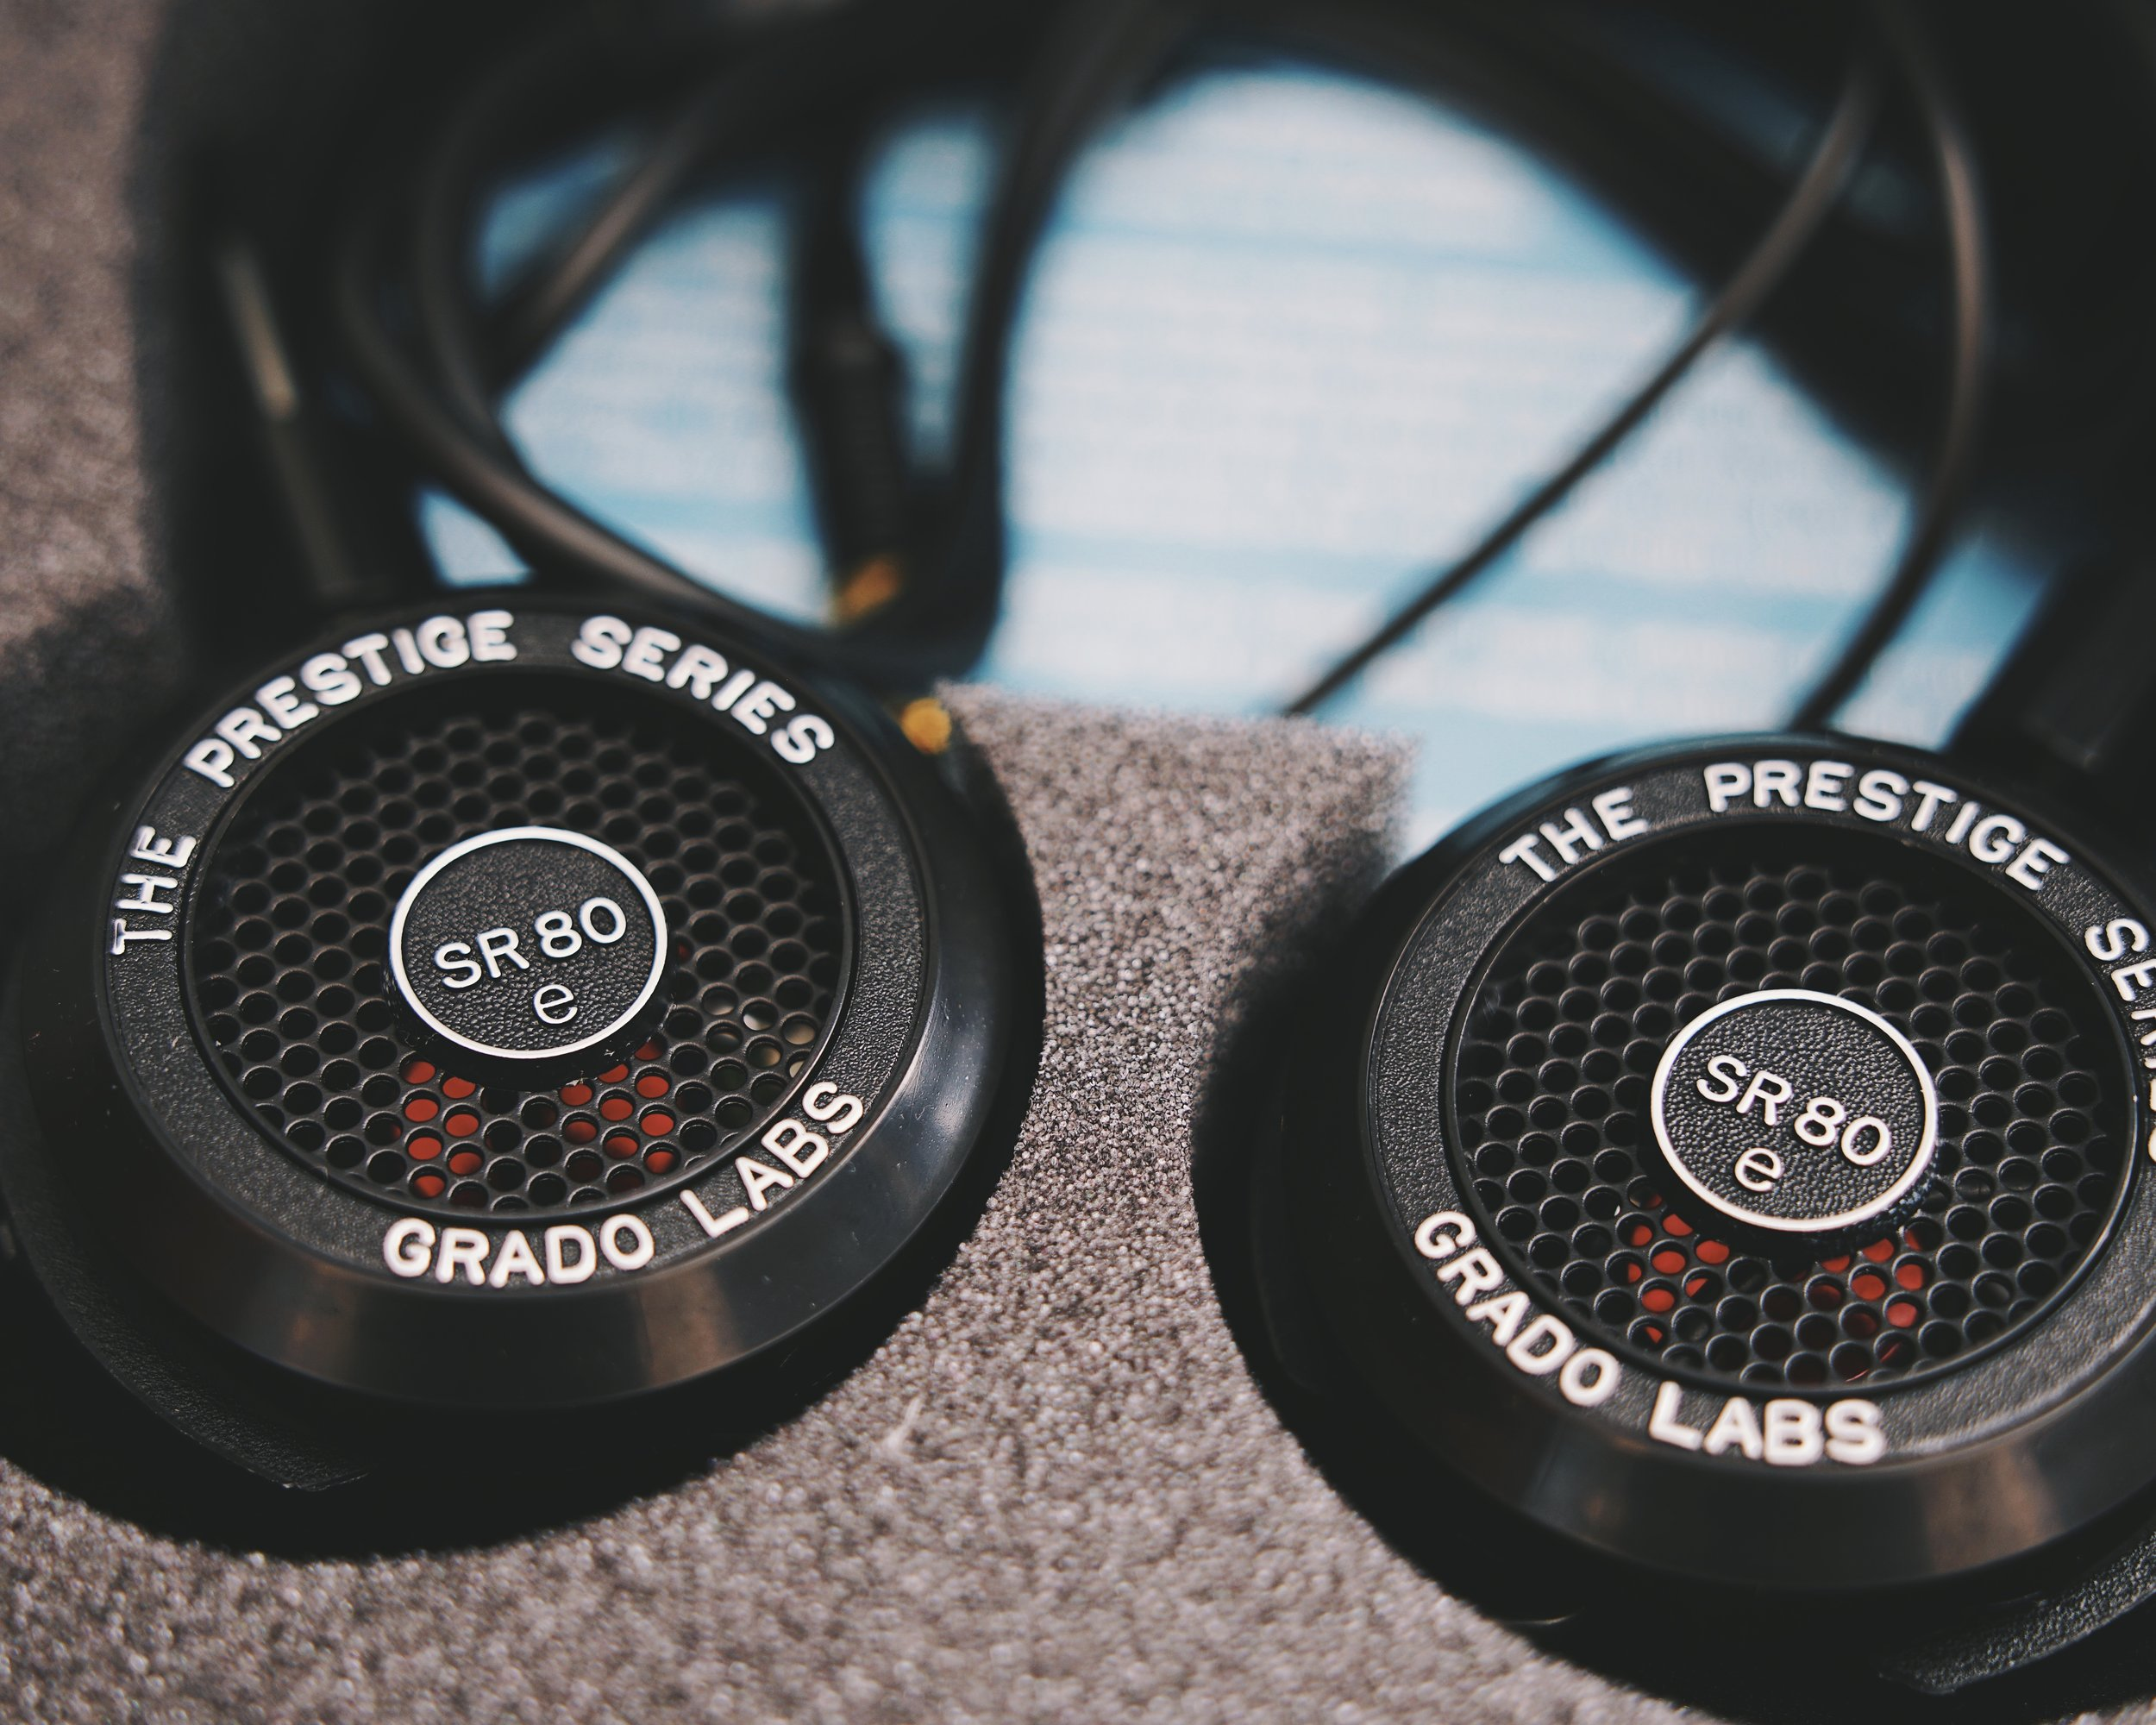 Grado SR80e: the best bang for the buck headphones for private listening.